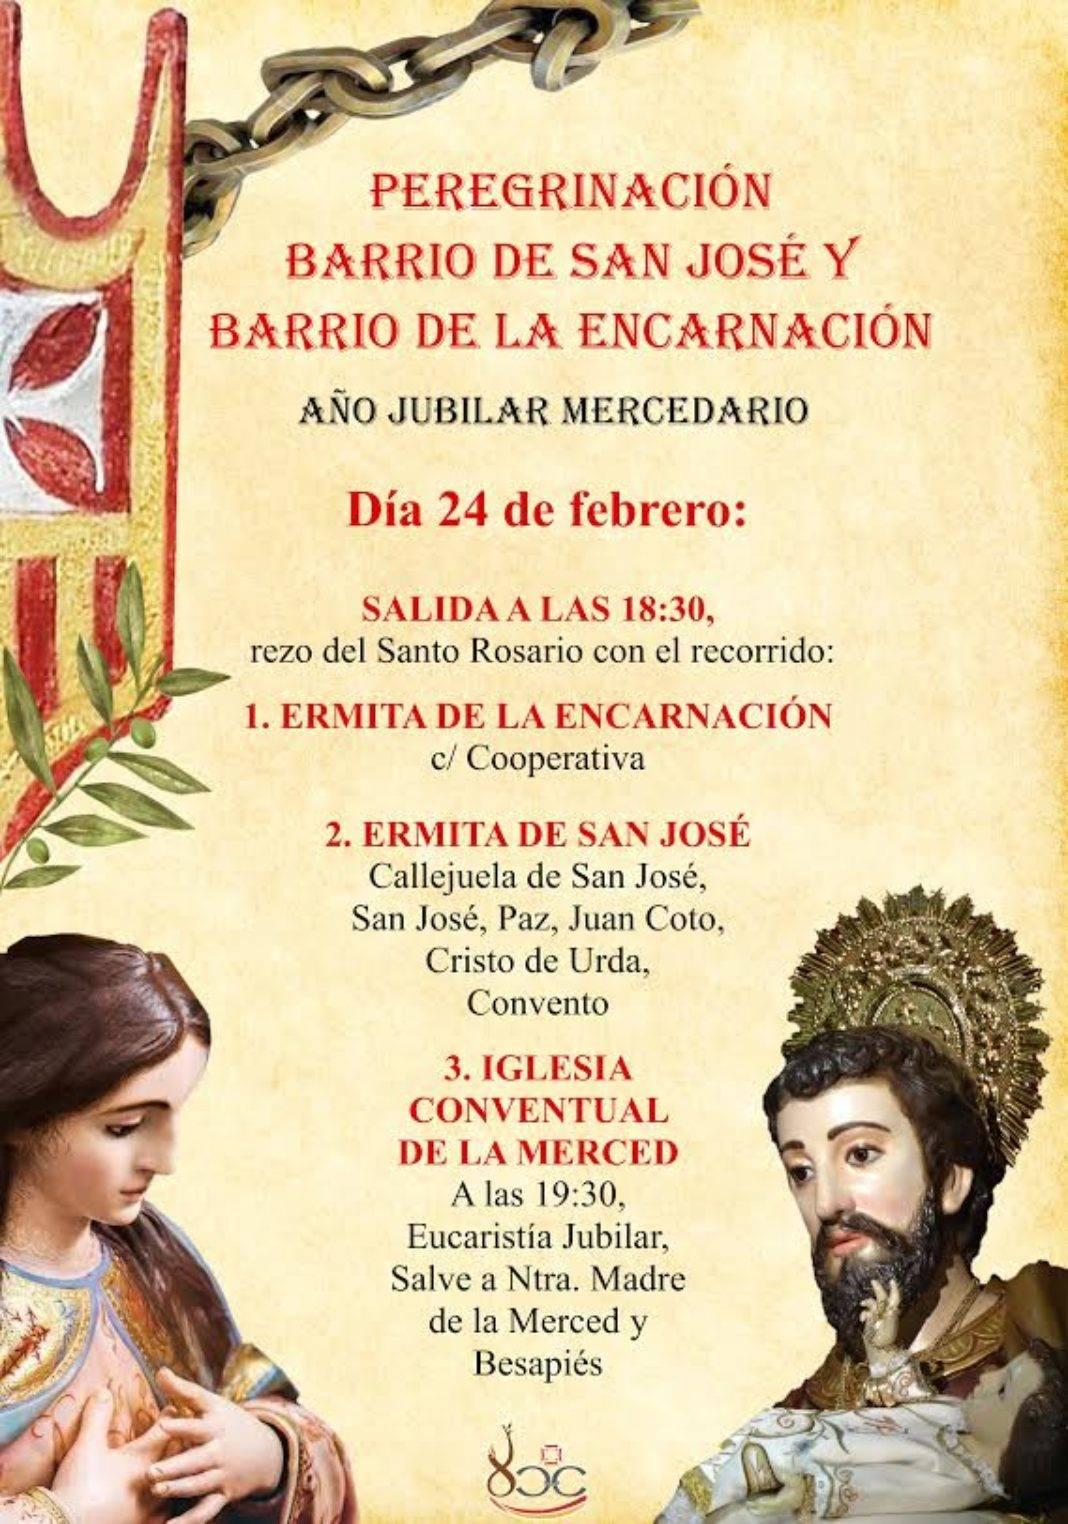 Peregrinación jubilar mercedaria de los barrios de san José y la Encarnación 4